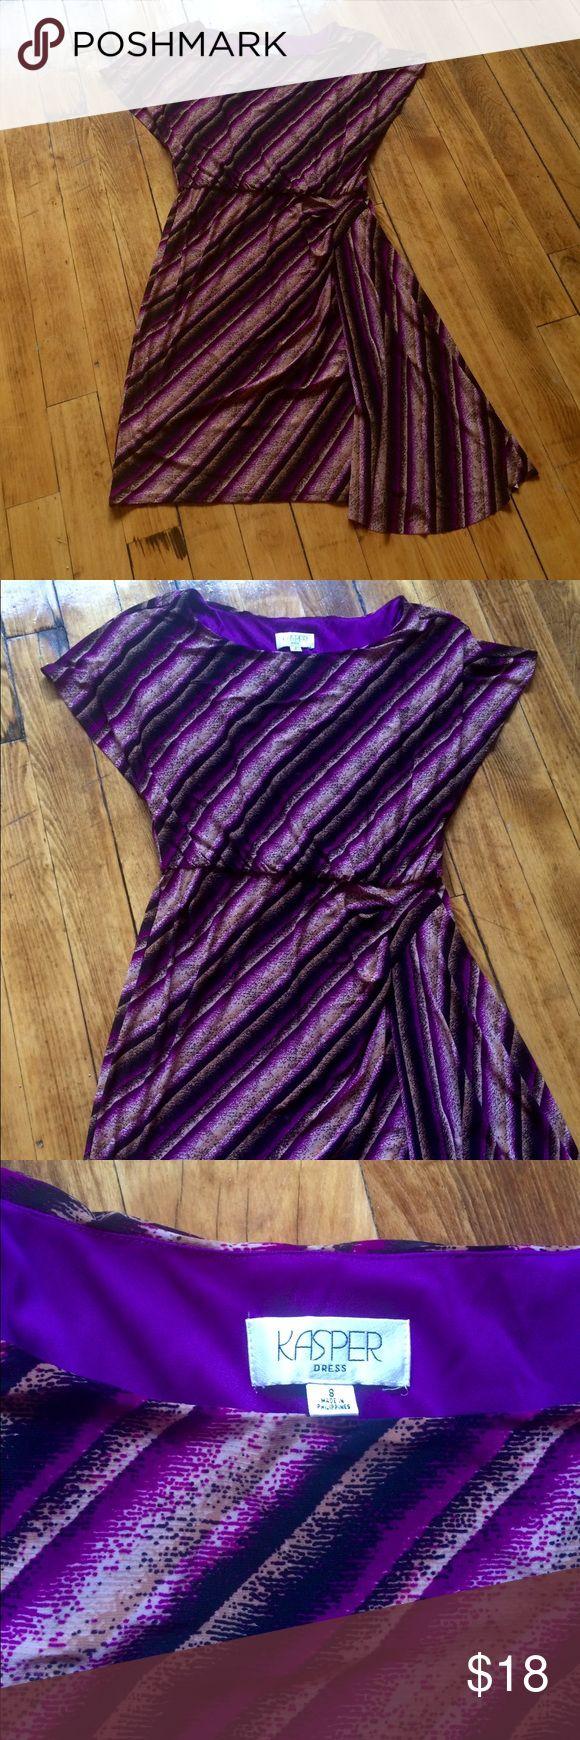 Perfect summer work dress Purple work dress, Kasper brand size 8 Kasper Dresses Midi